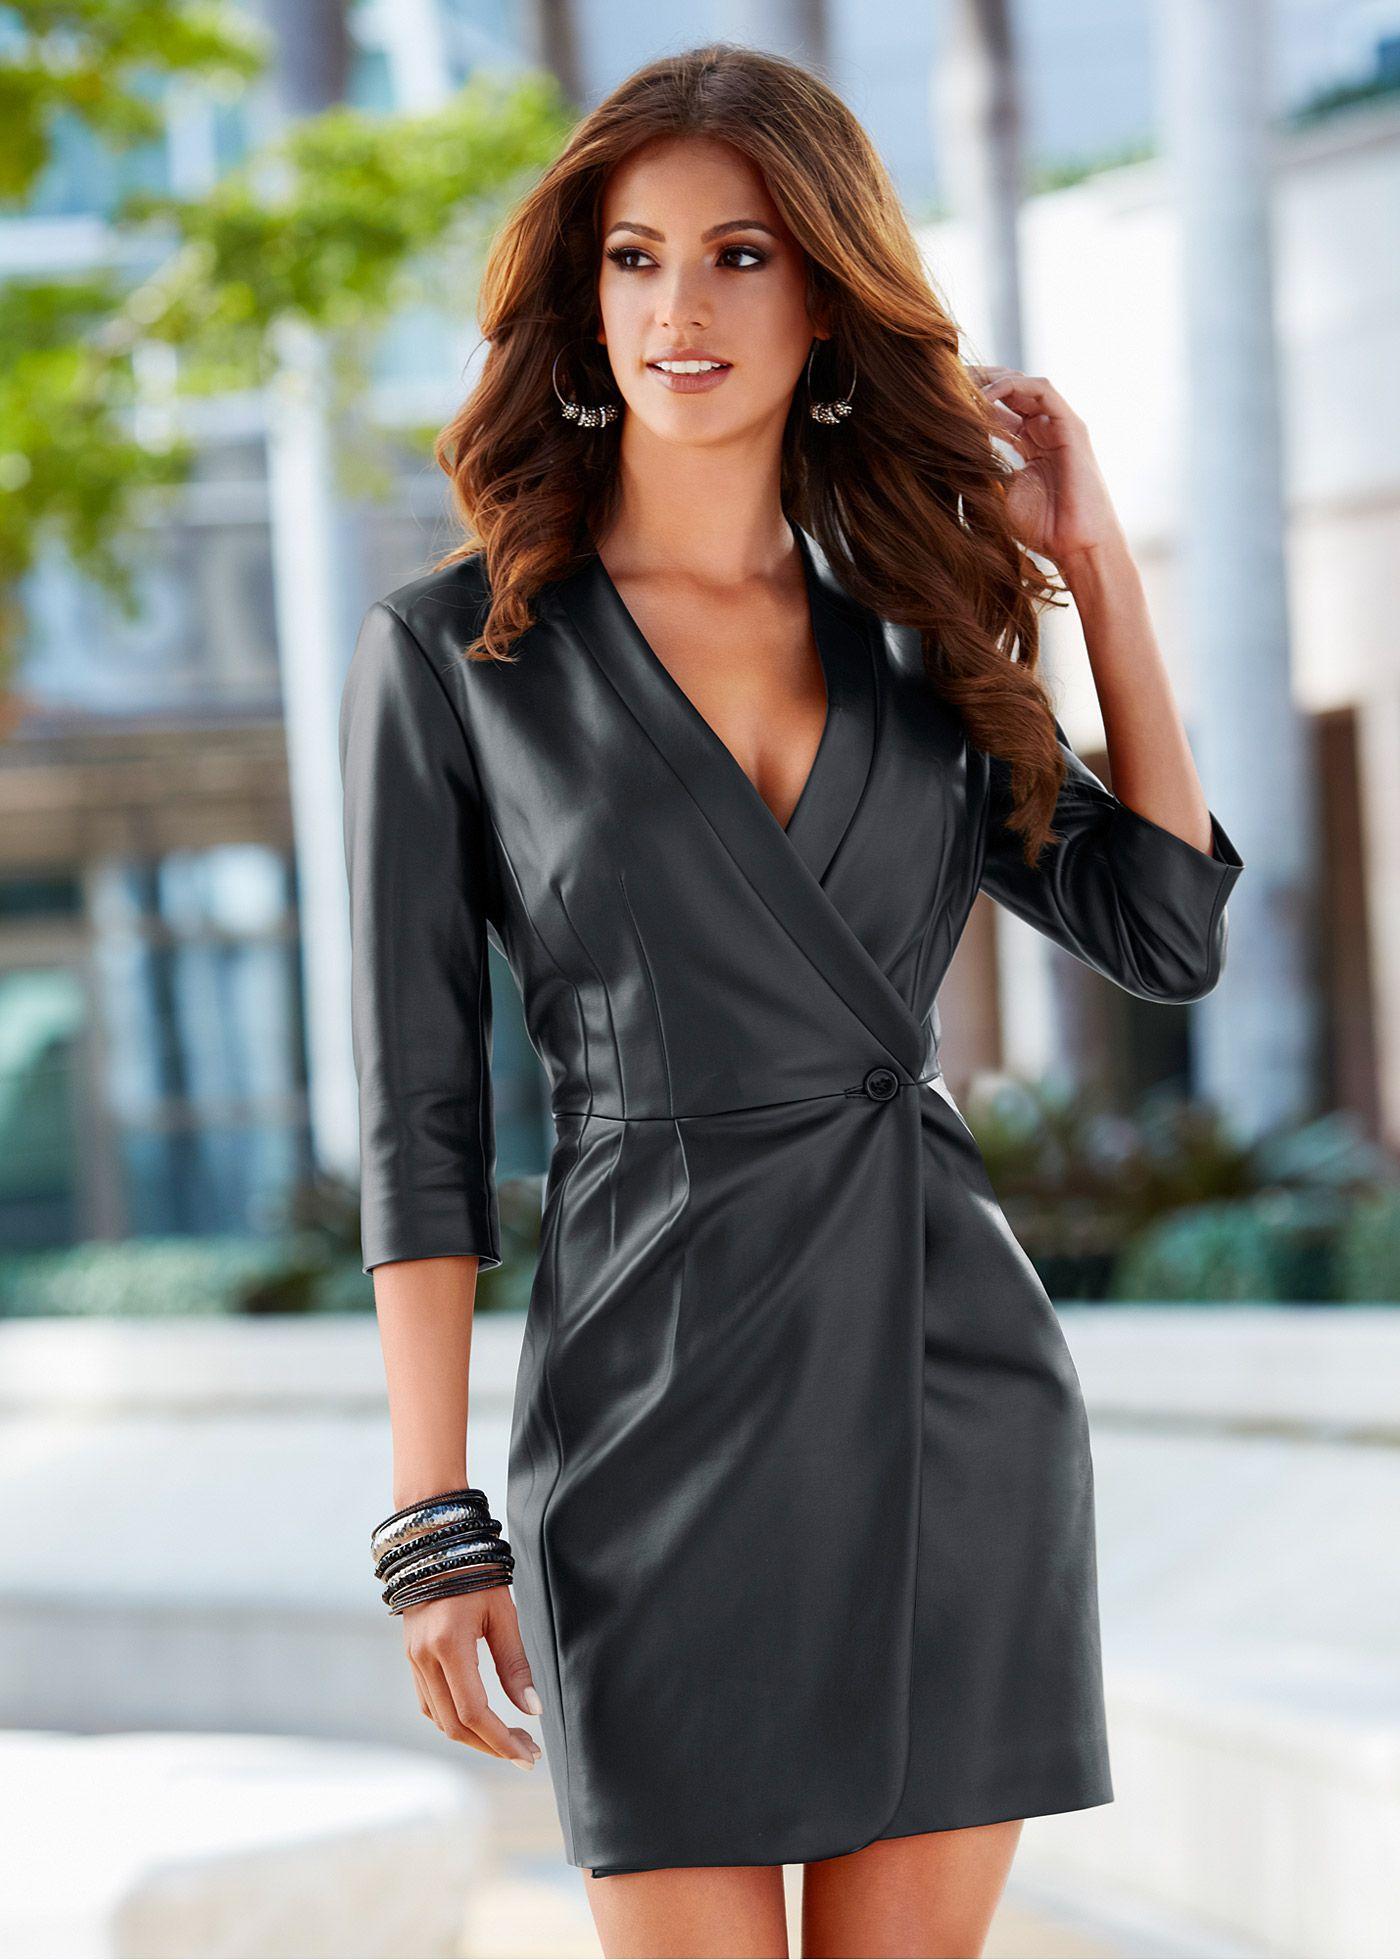 4494b1cbe Vestido em couro sintético preto encomendar agora na loja on-line bonprix.de  R$ 219,00 a partir de Vestido-casado manga 3/4 em couro sintético. Seguir  as .